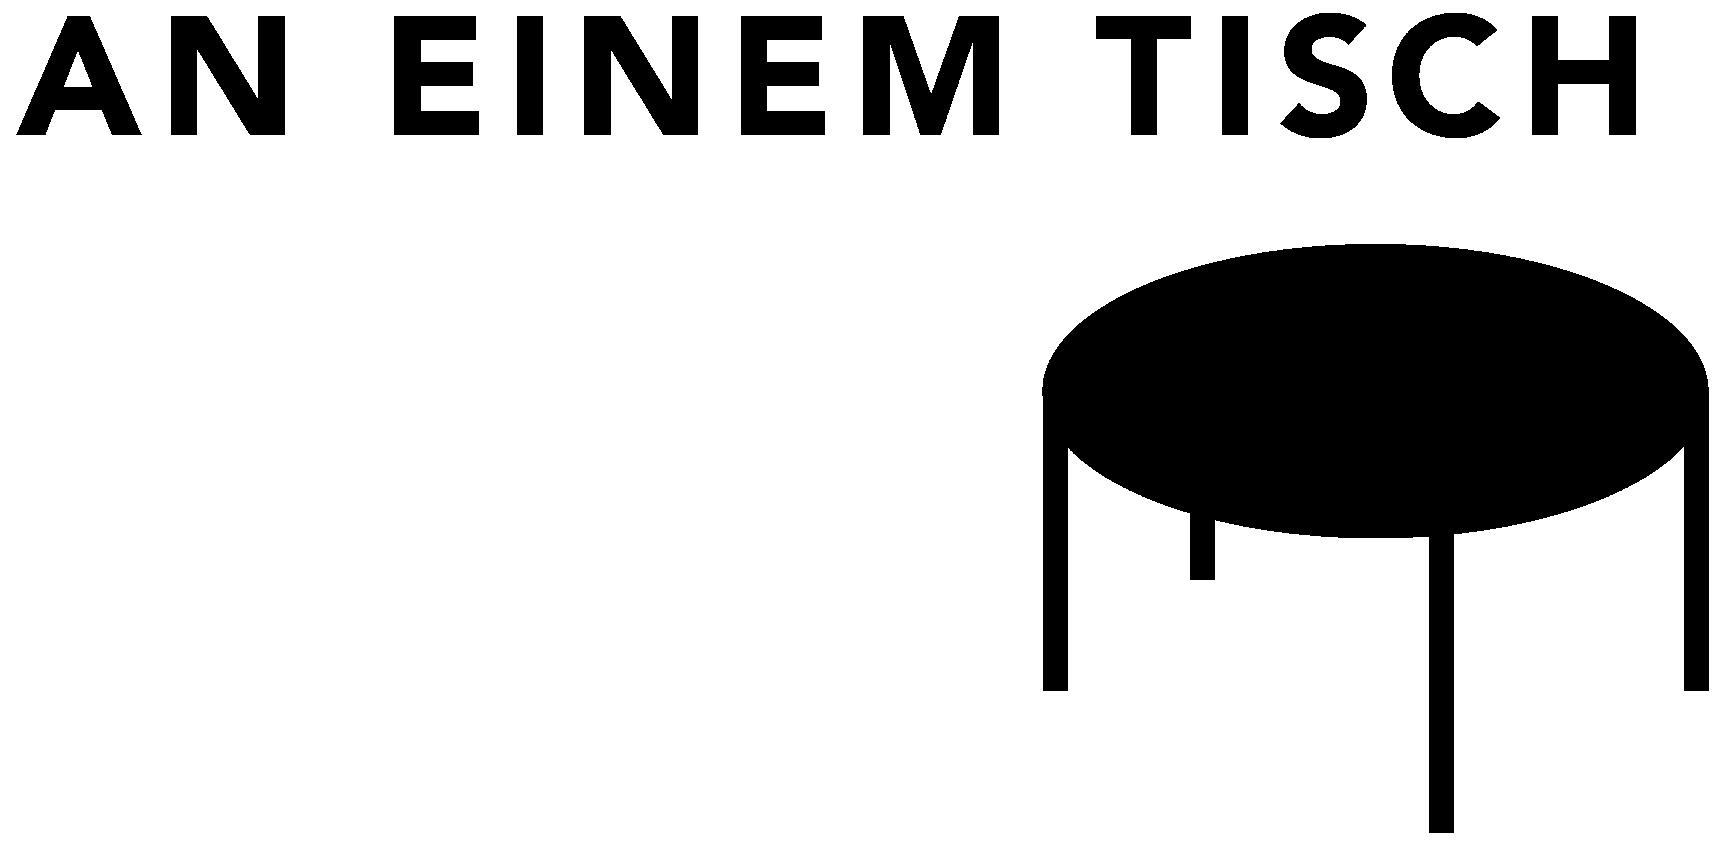 AnEinemTisch-Logo